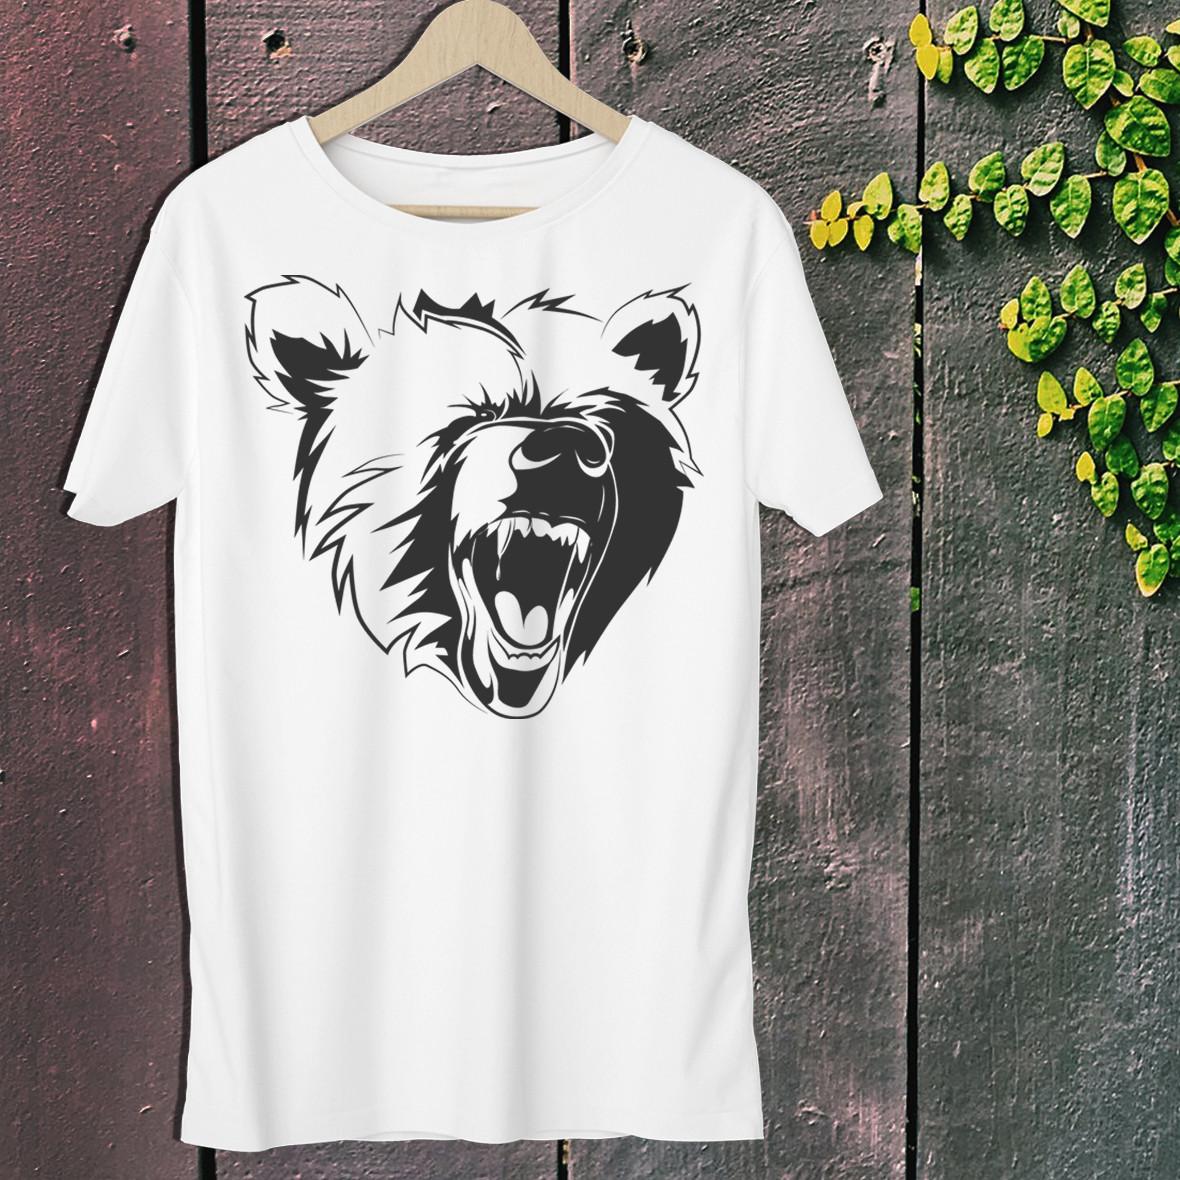 """Чоловіча футболка для мисливця з принтом """"Голова Ведмедя"""" 3 Push IT S, Білий"""